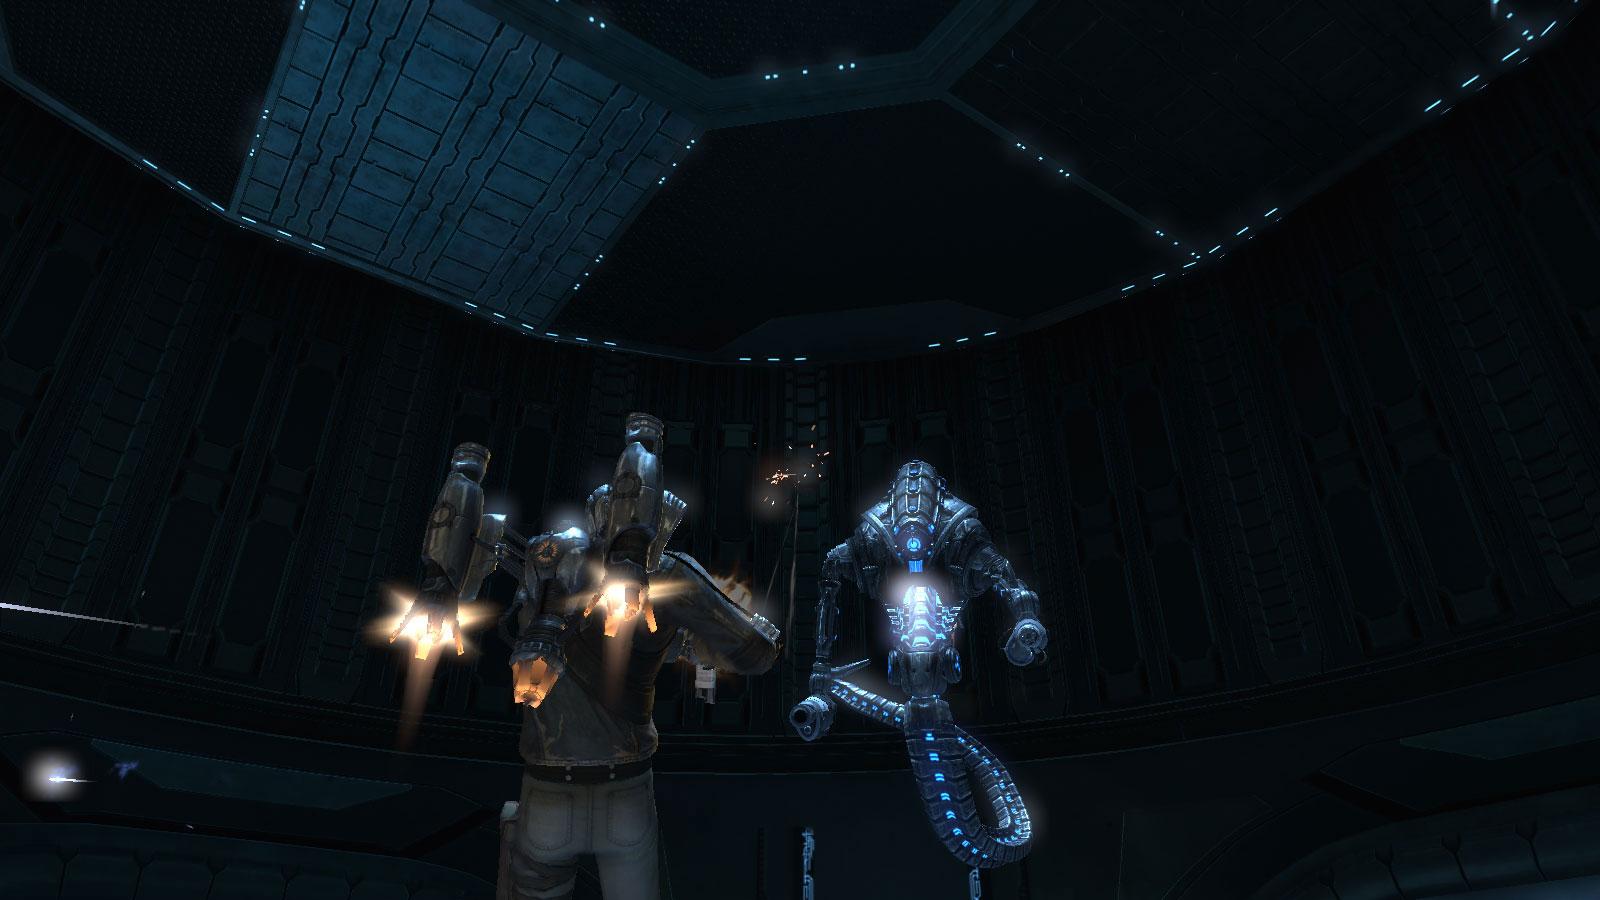 Une Srie Dimages Pour Dark Void Xbox One Xboxygen